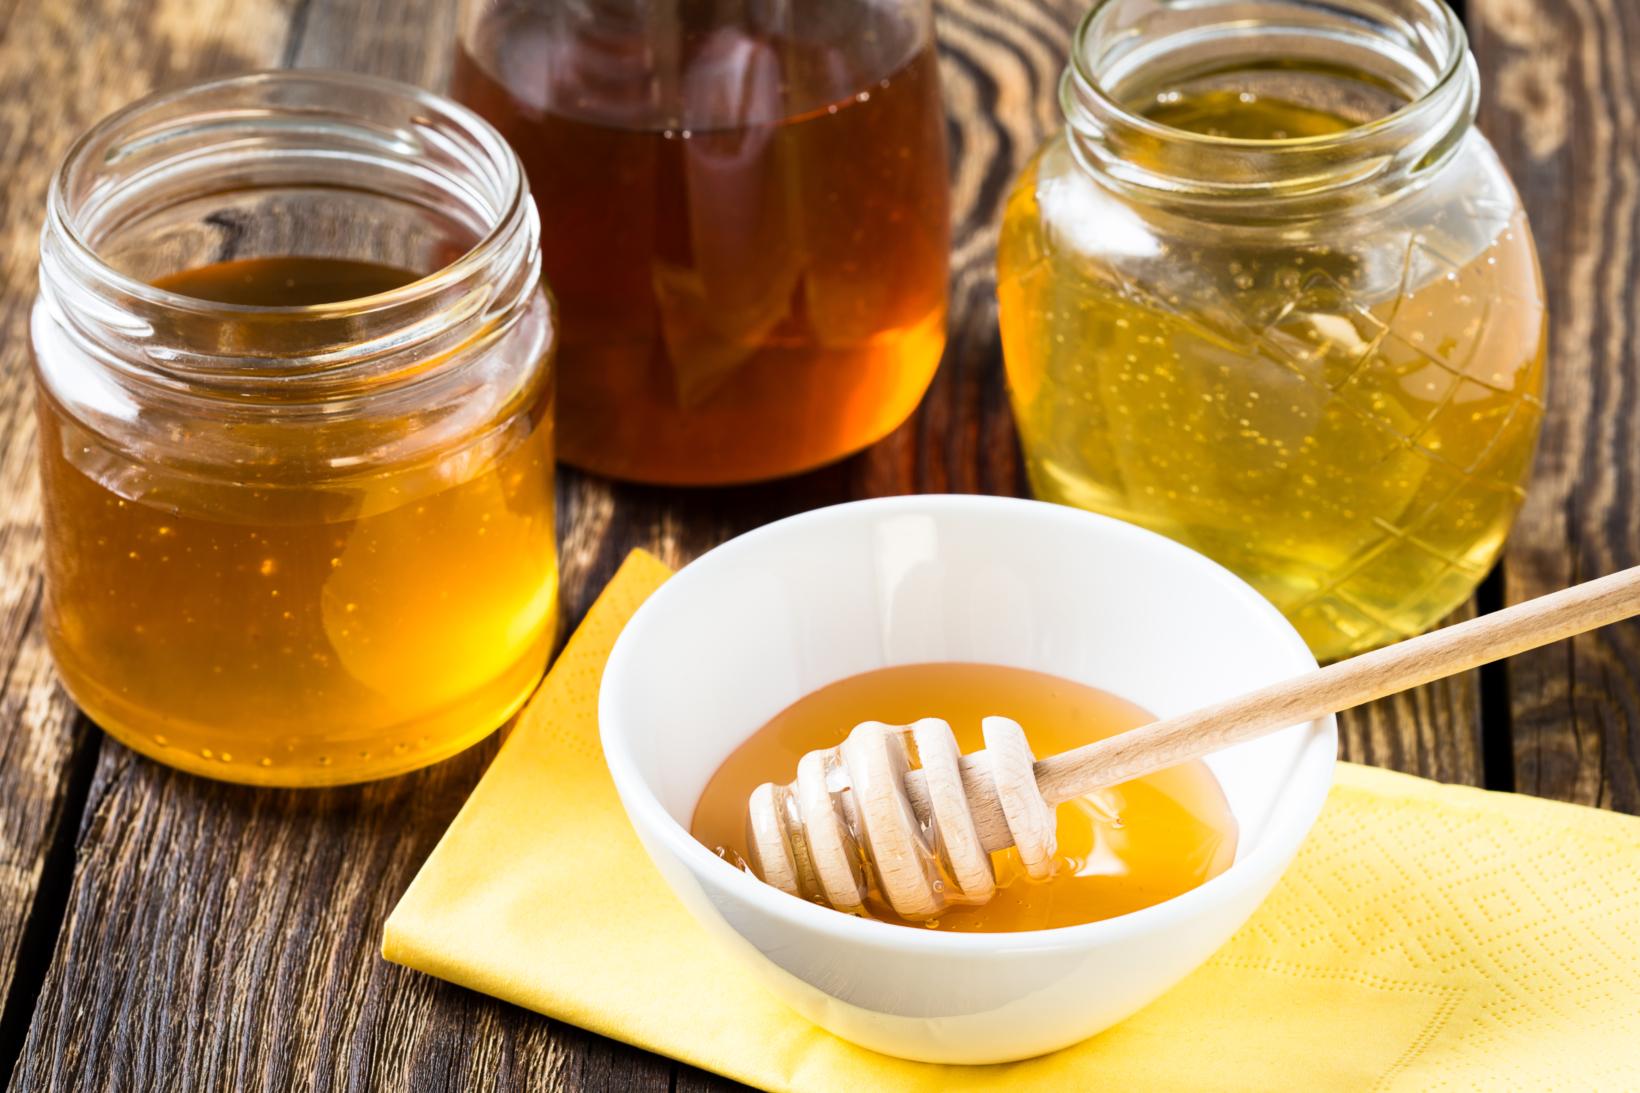 ползите от меда